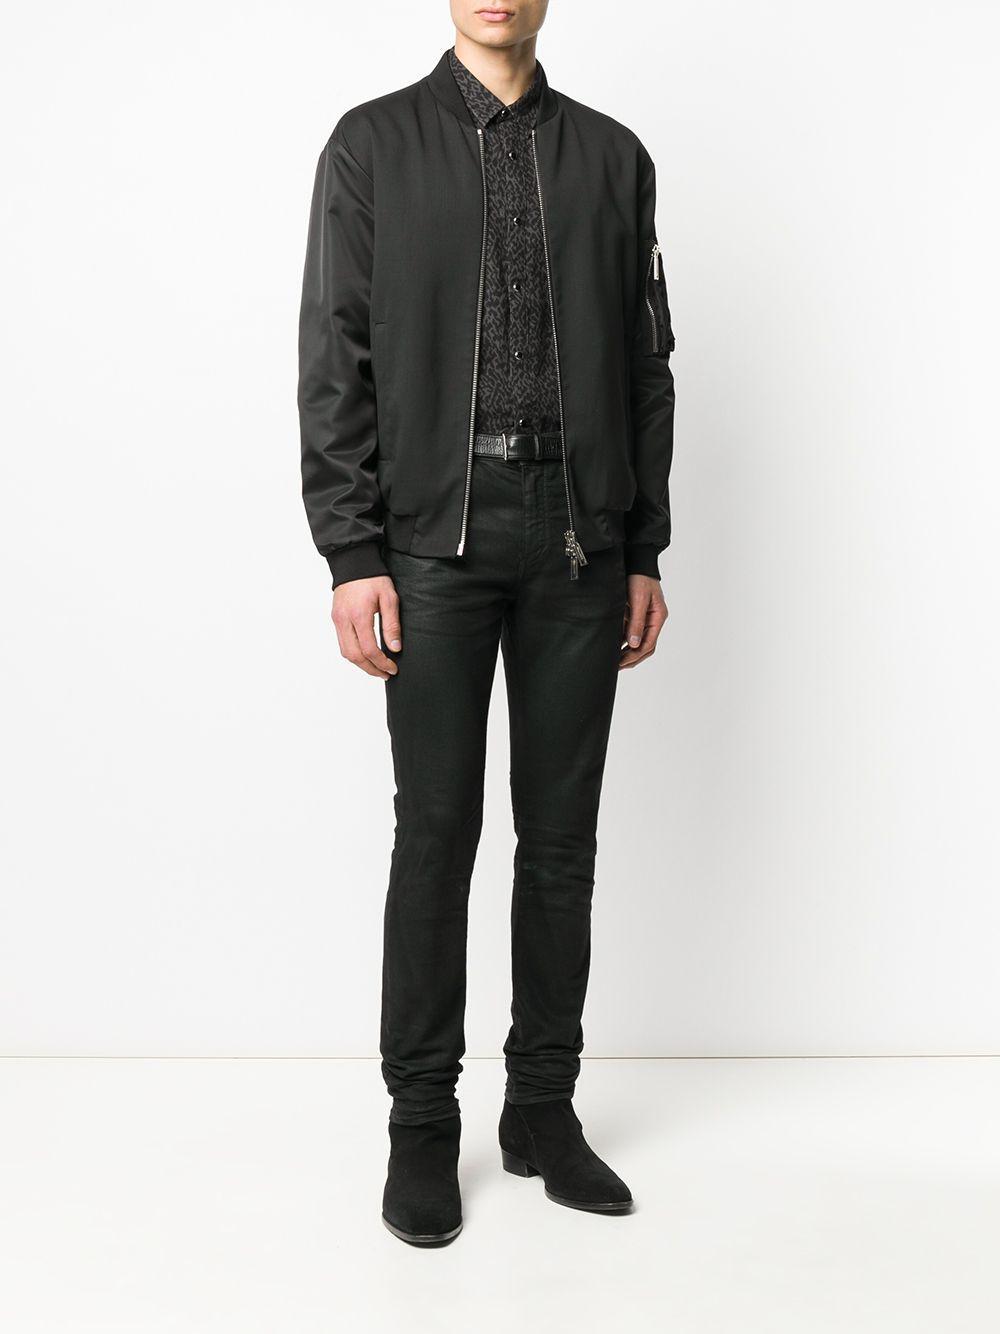 John Varvatos Katoen Overhemd Met Luipaardprint in het Zwart voor heren